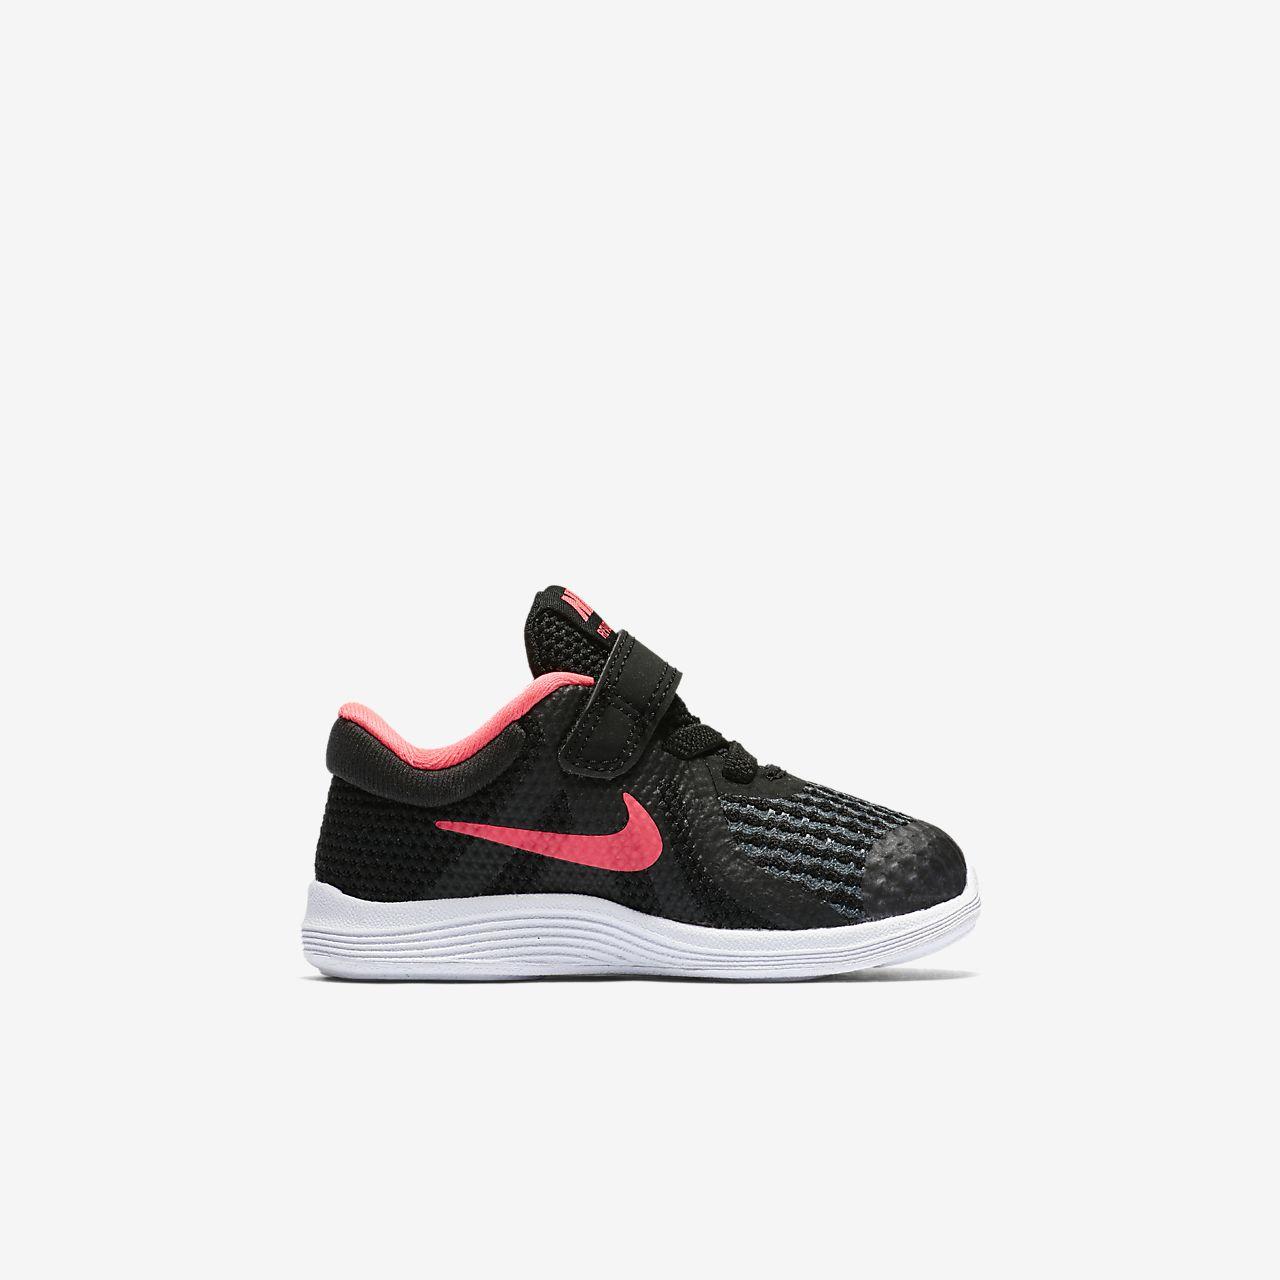 best loved dd80e f0714 ... Nike Revolution 4 Baby   Toddler Shoe